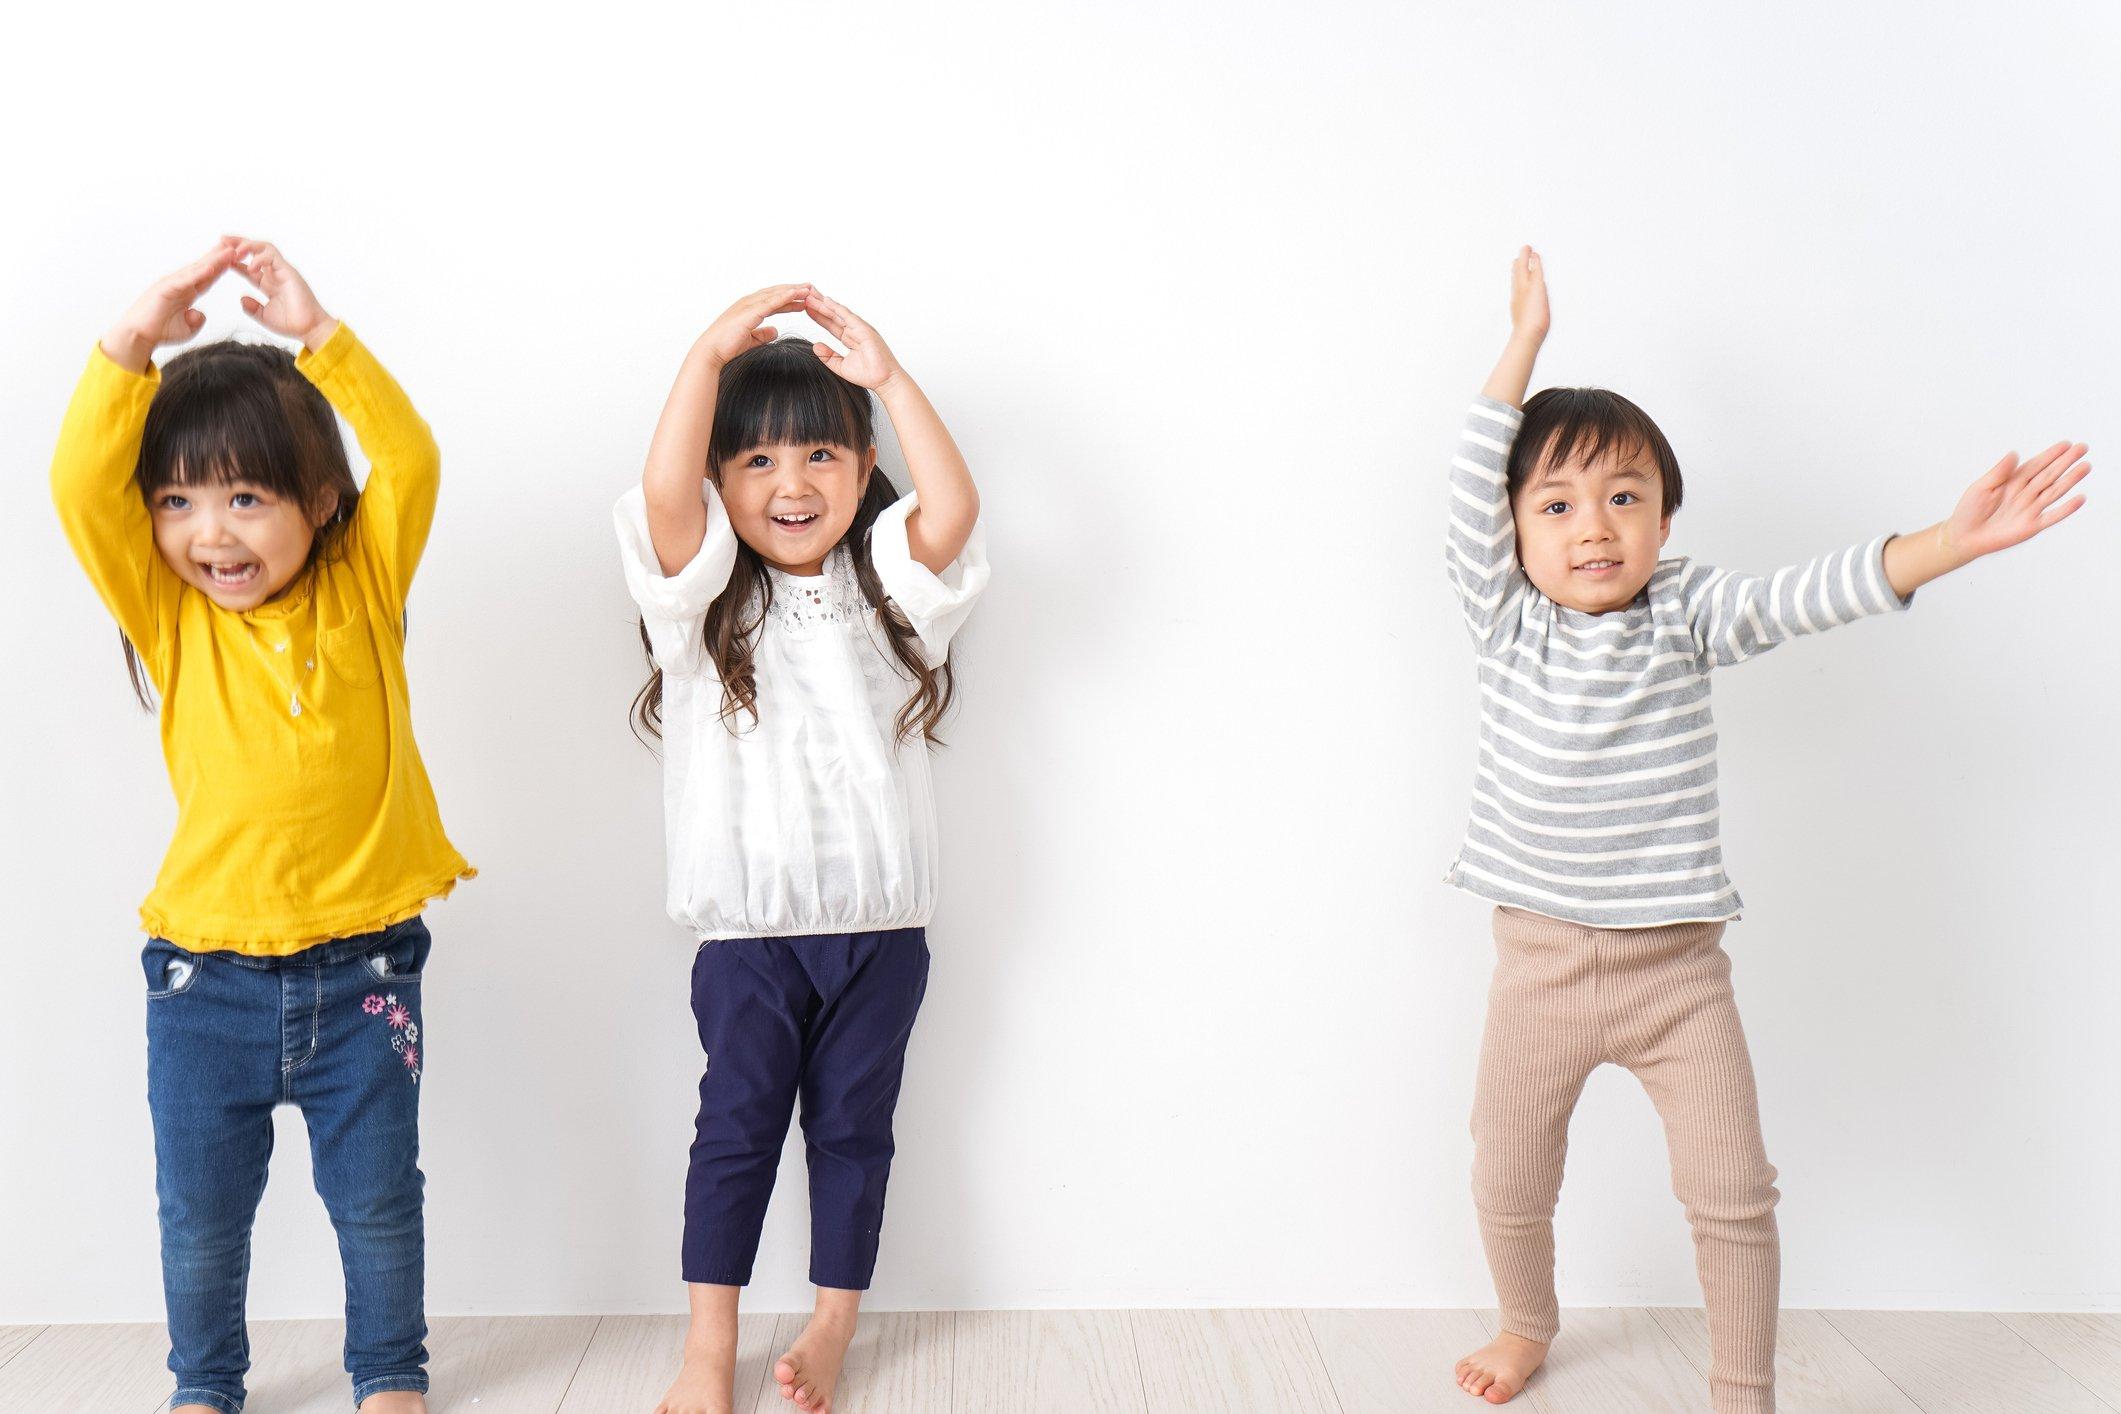 49 Activités Physiques Plaisantes À Faire Avec Des Enfants tout Jeux Pour Les Petit De 5 Ans